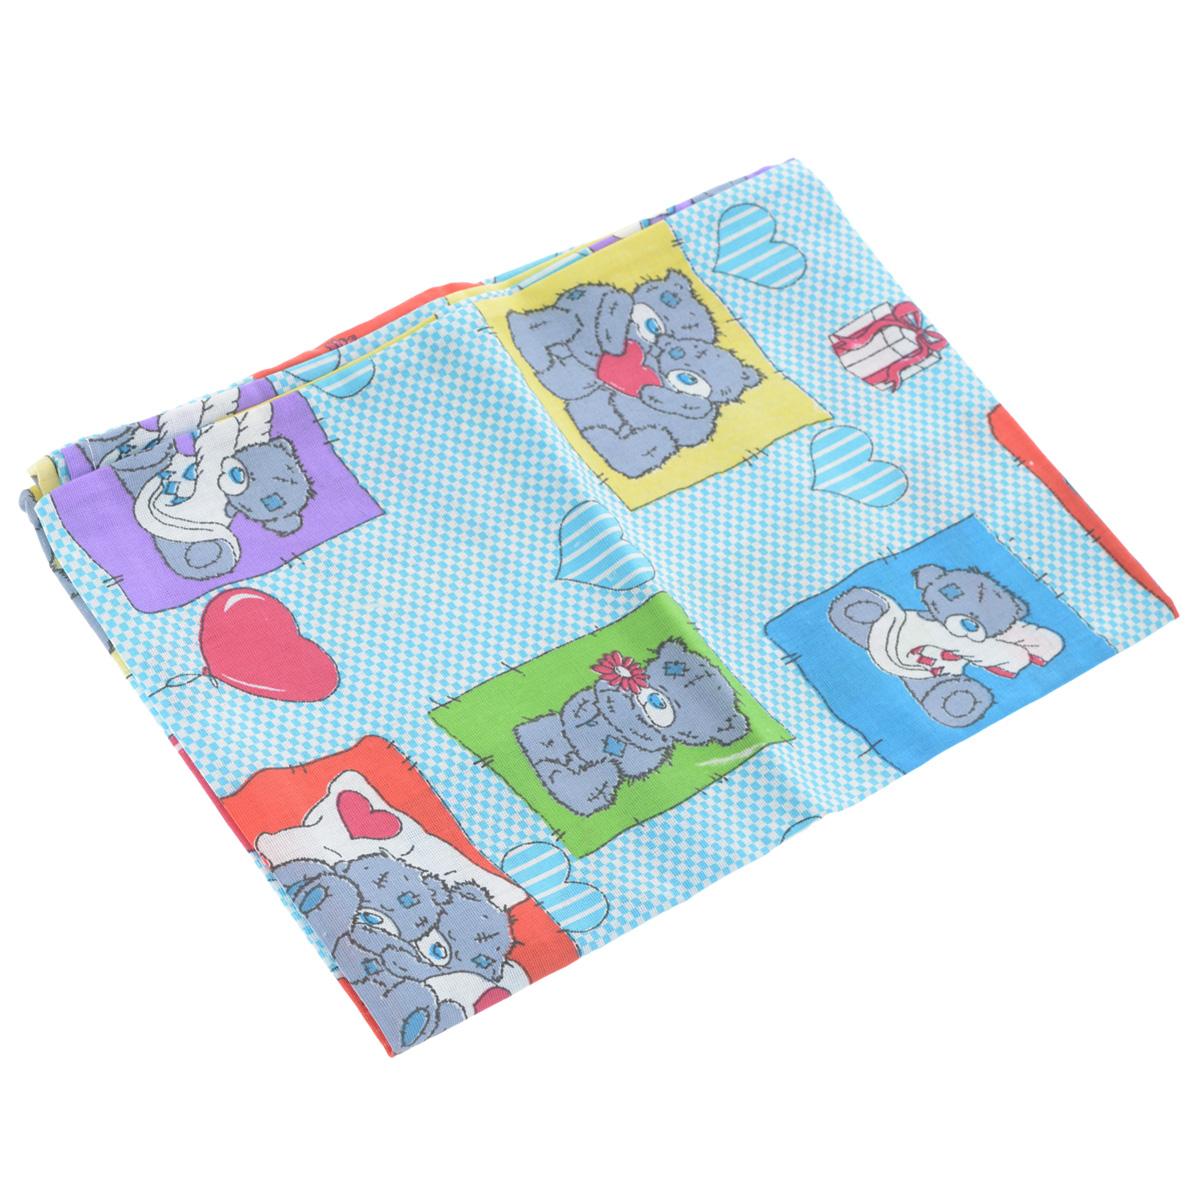 Наволочка детская Фея Мишки, цвет: голубой, 40 см х 60 смА00319Детская наволочка Фея Мишки, идеально подойдет для подушки вашего малыша. Изготовленная из натурального 100% хлопка, она необычайно мягкая и приятная на ощупь. Натуральный материал не раздражает даже самую нежную и чувствительную кожу ребенка, обеспечивая ему наибольший комфорт. Приятный рисунок наволочки, несомненно, понравится малышу и привлечет его внимание. На подушке с такой наволочкой ваша кроха будет спать здоровым и крепким сном. УВАЖАЕМЫЕ КЛИЕНТЫ! Обращаем ваше внимание на возможные изменения в дизайне, связанные с ассортиментом продукции: рисунок может отличаться от представленного на изображении.